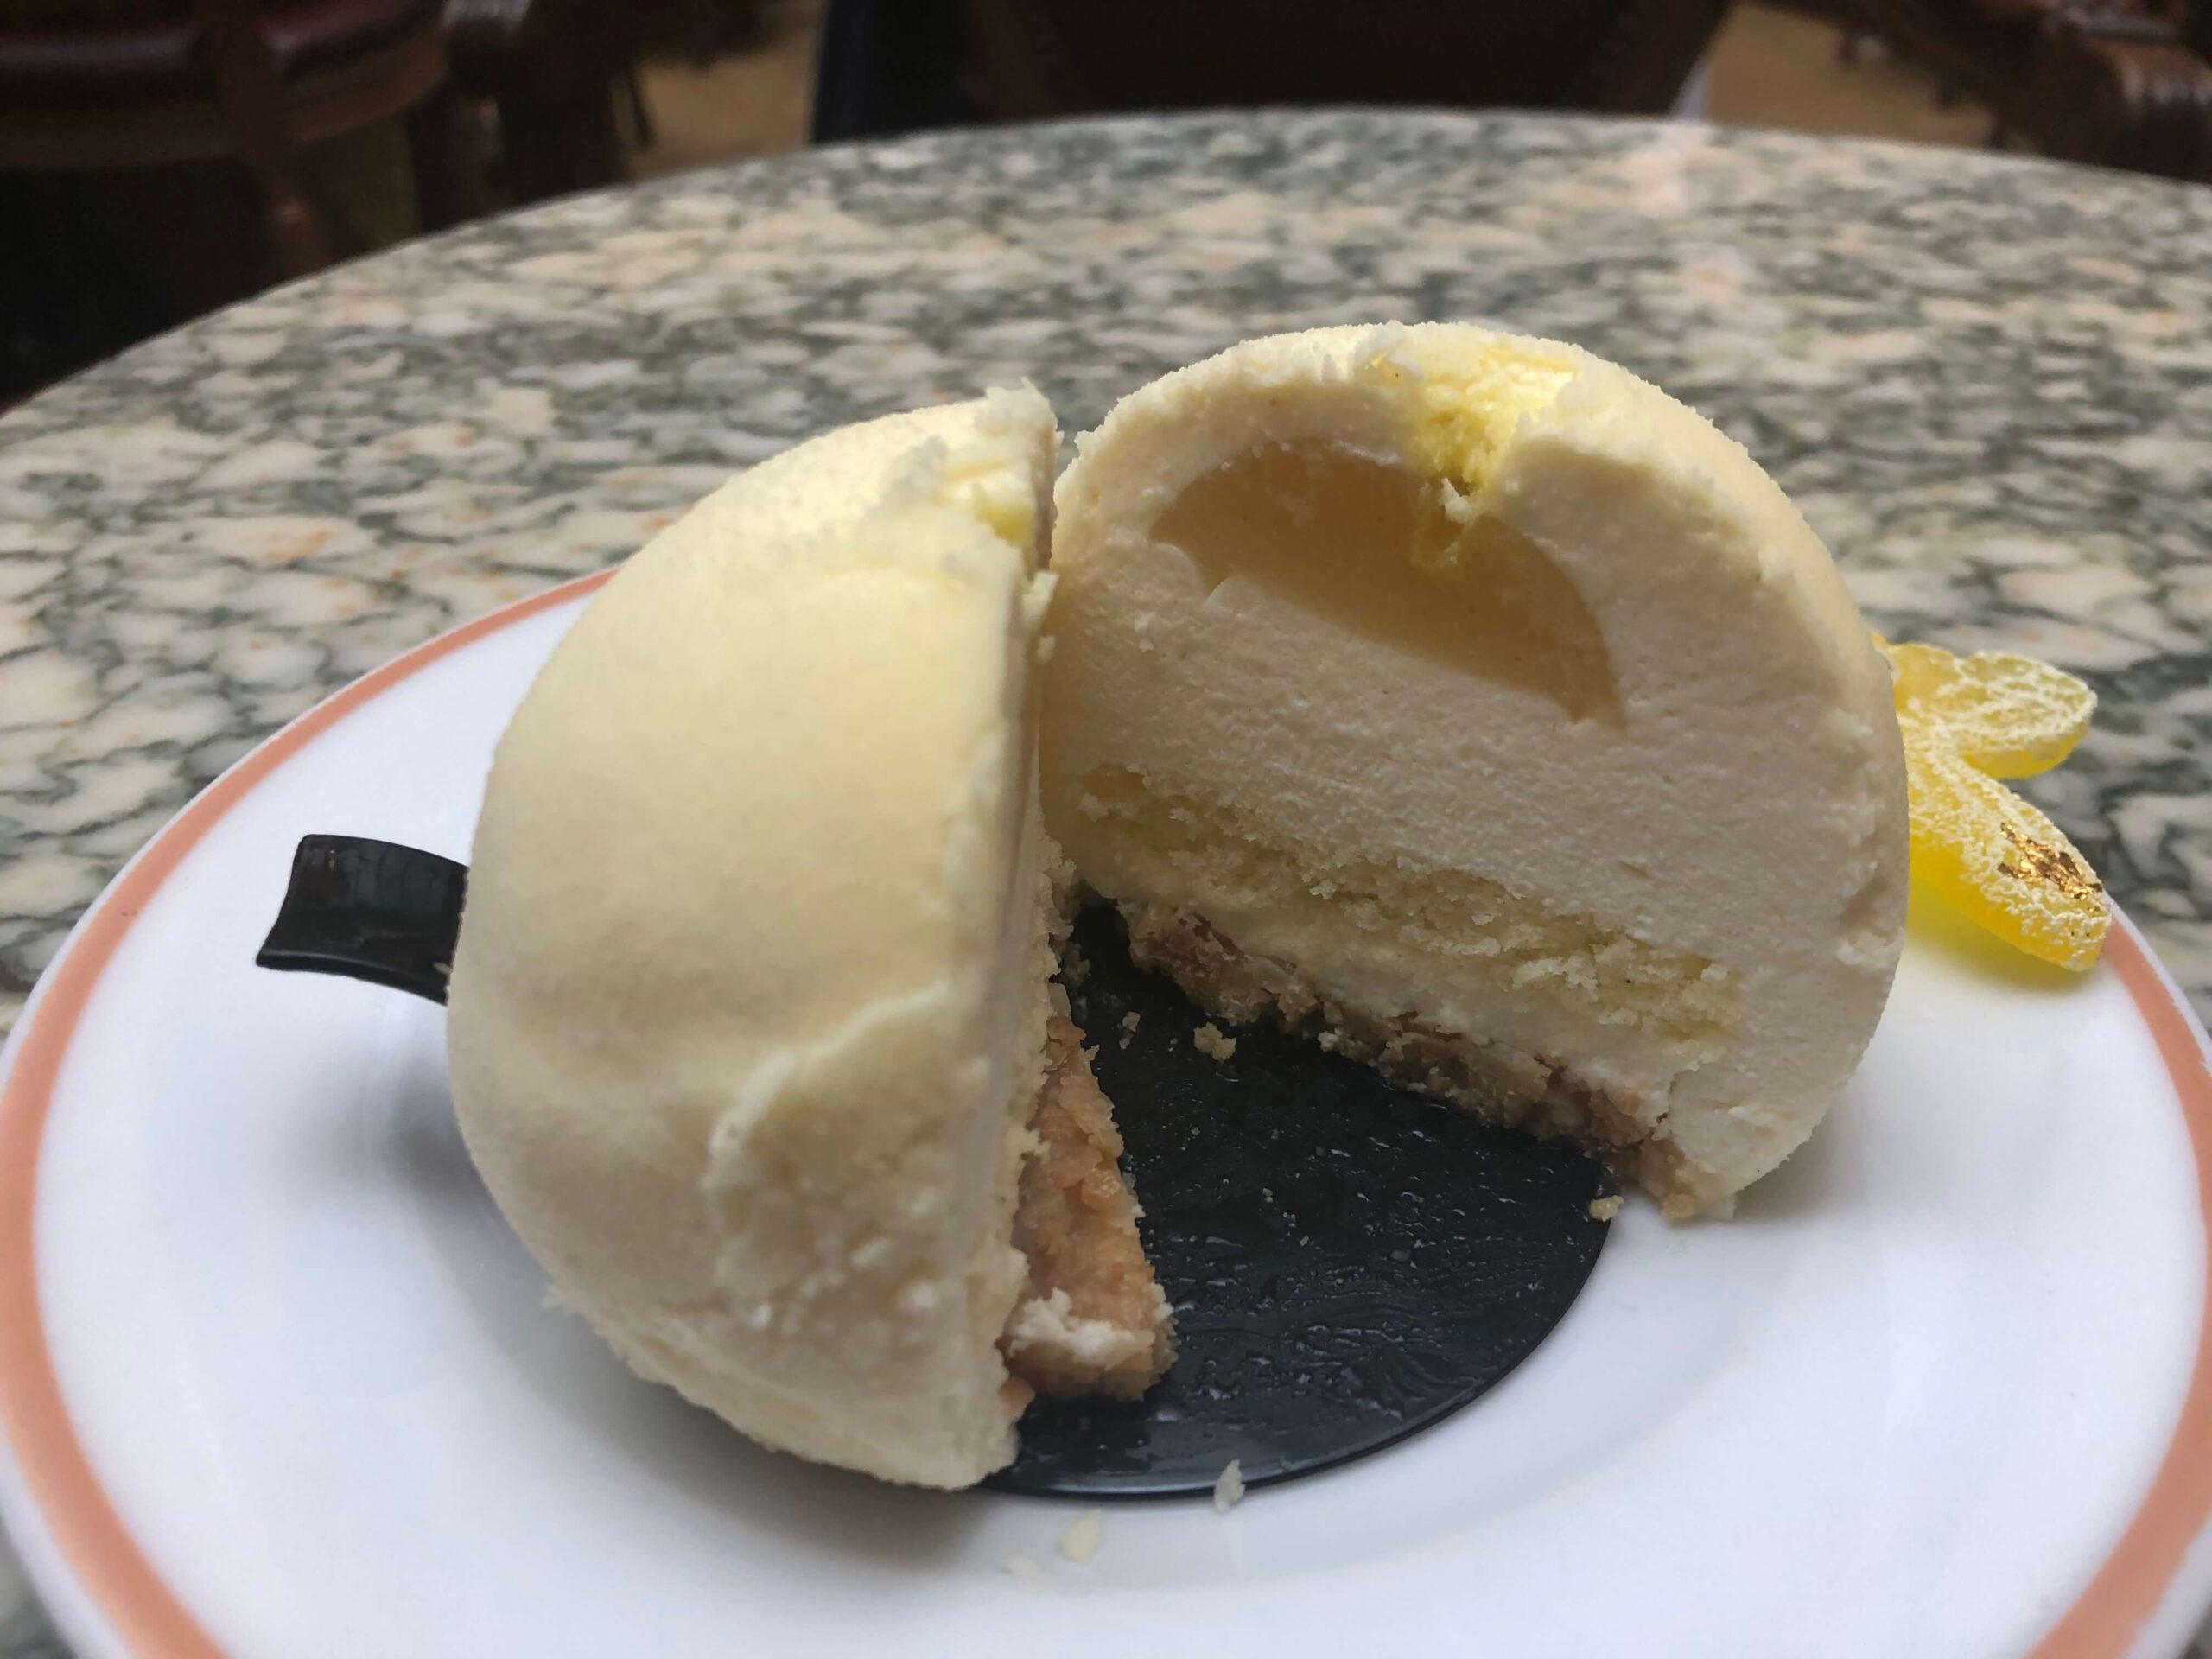 パリ最新情報「あの名香がアンジェリーナのケーキになる」